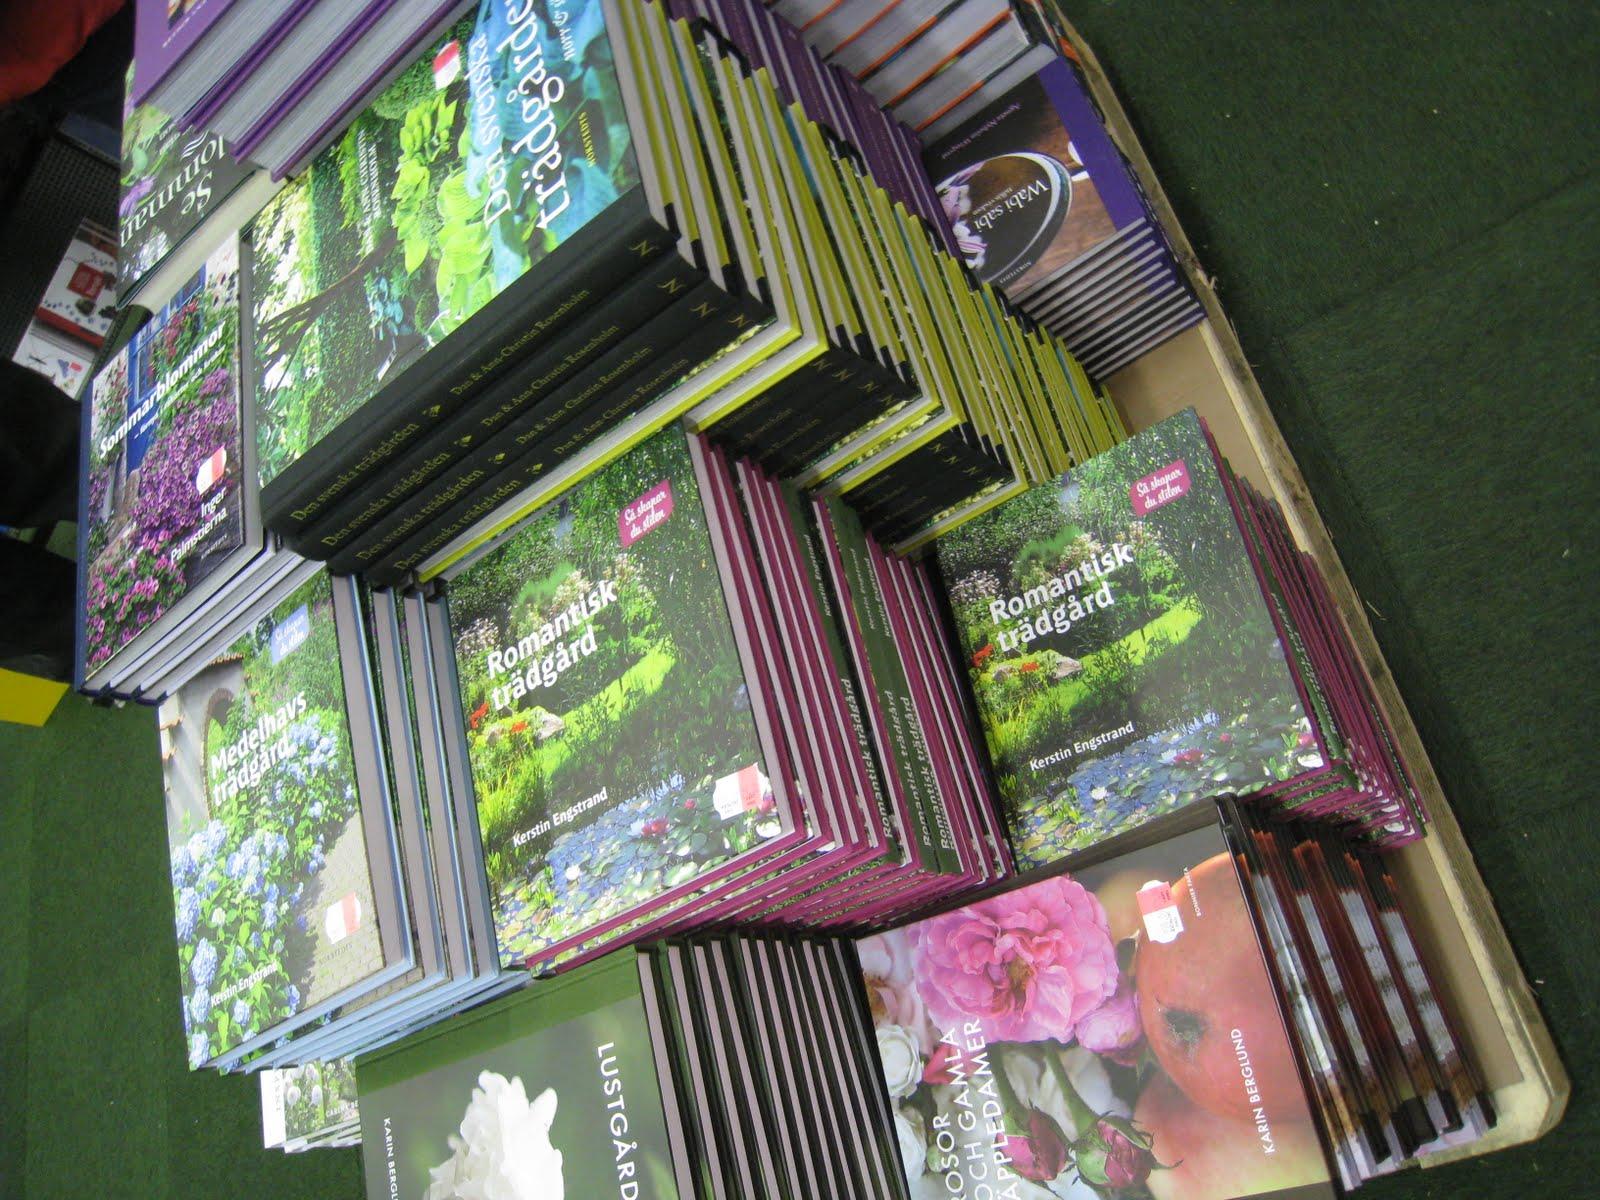 Kerstins green room: mässfynd rapport från trädgårdsmässan  3